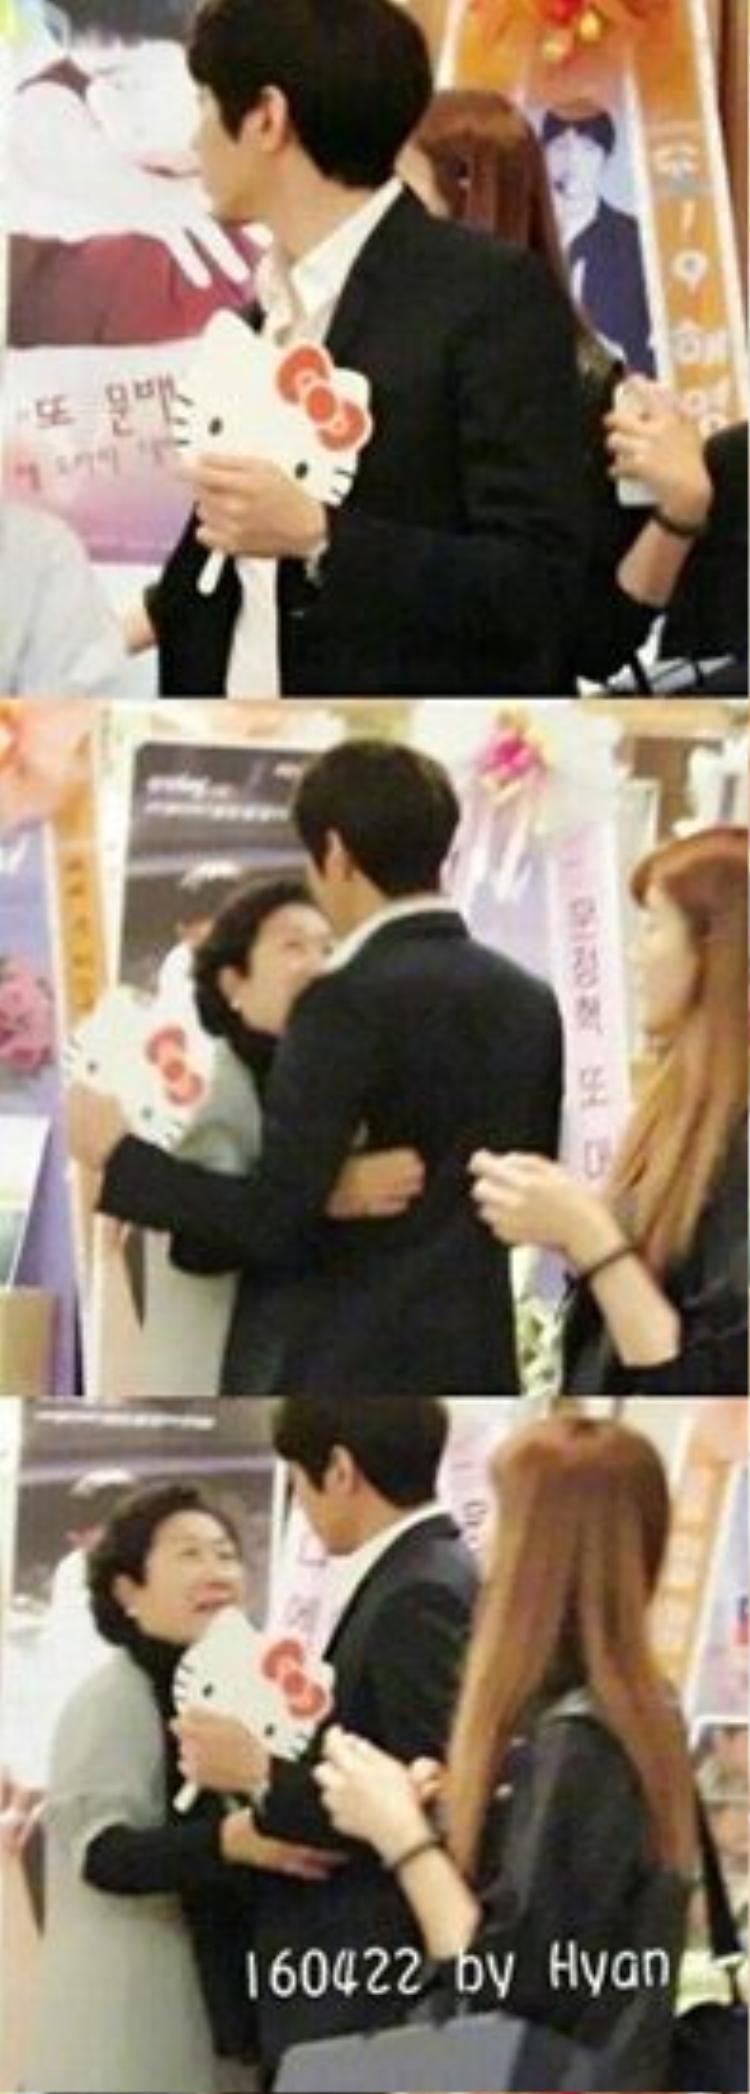 Đi họp báo phim Another Miss Oh, anh cũng không quên đem theo niềm đam mê tội lỗi.